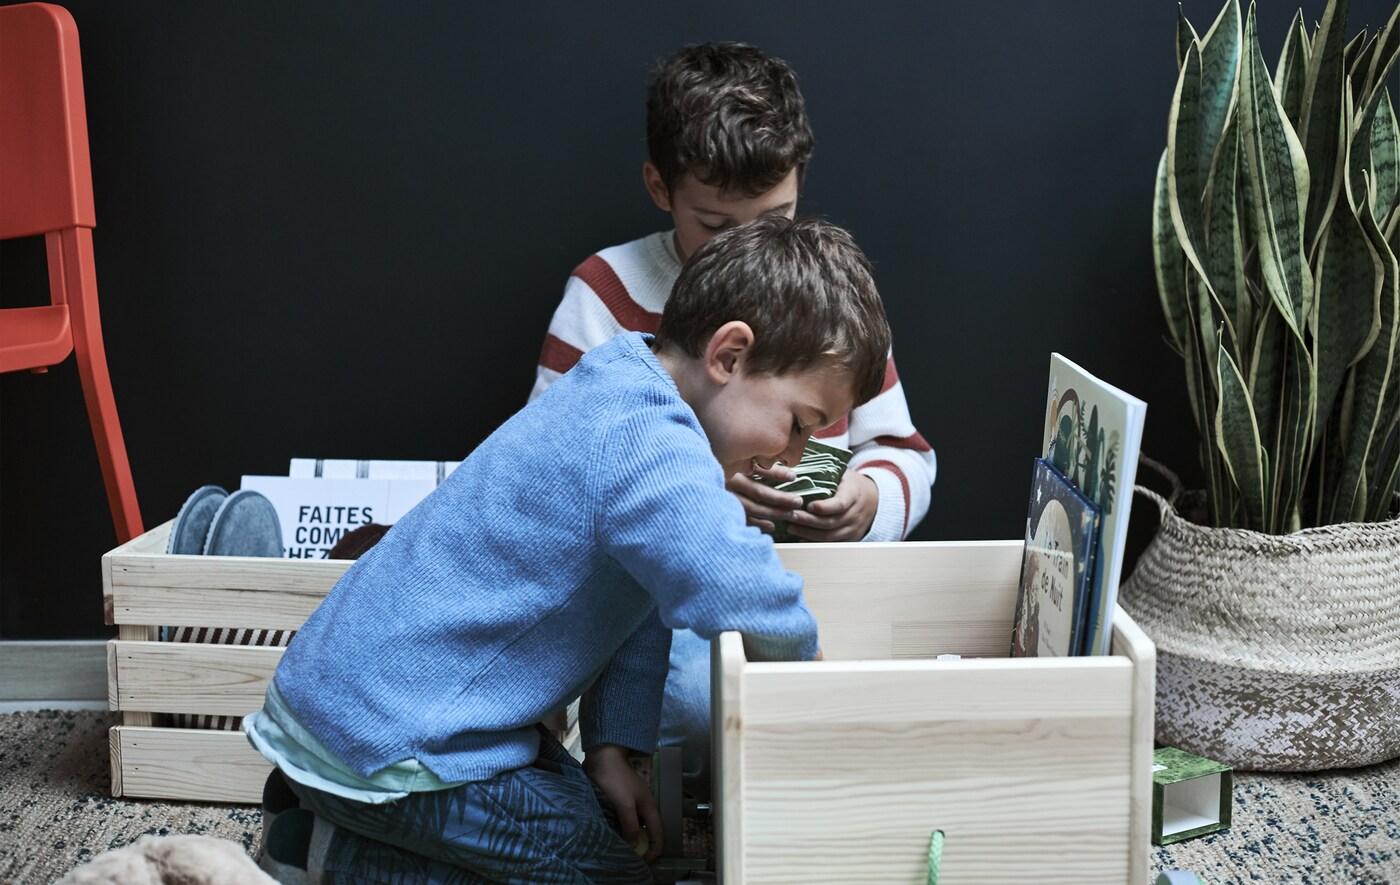 ولدان ينظران داخل صندوق خشبي مملوء بالأغراض.